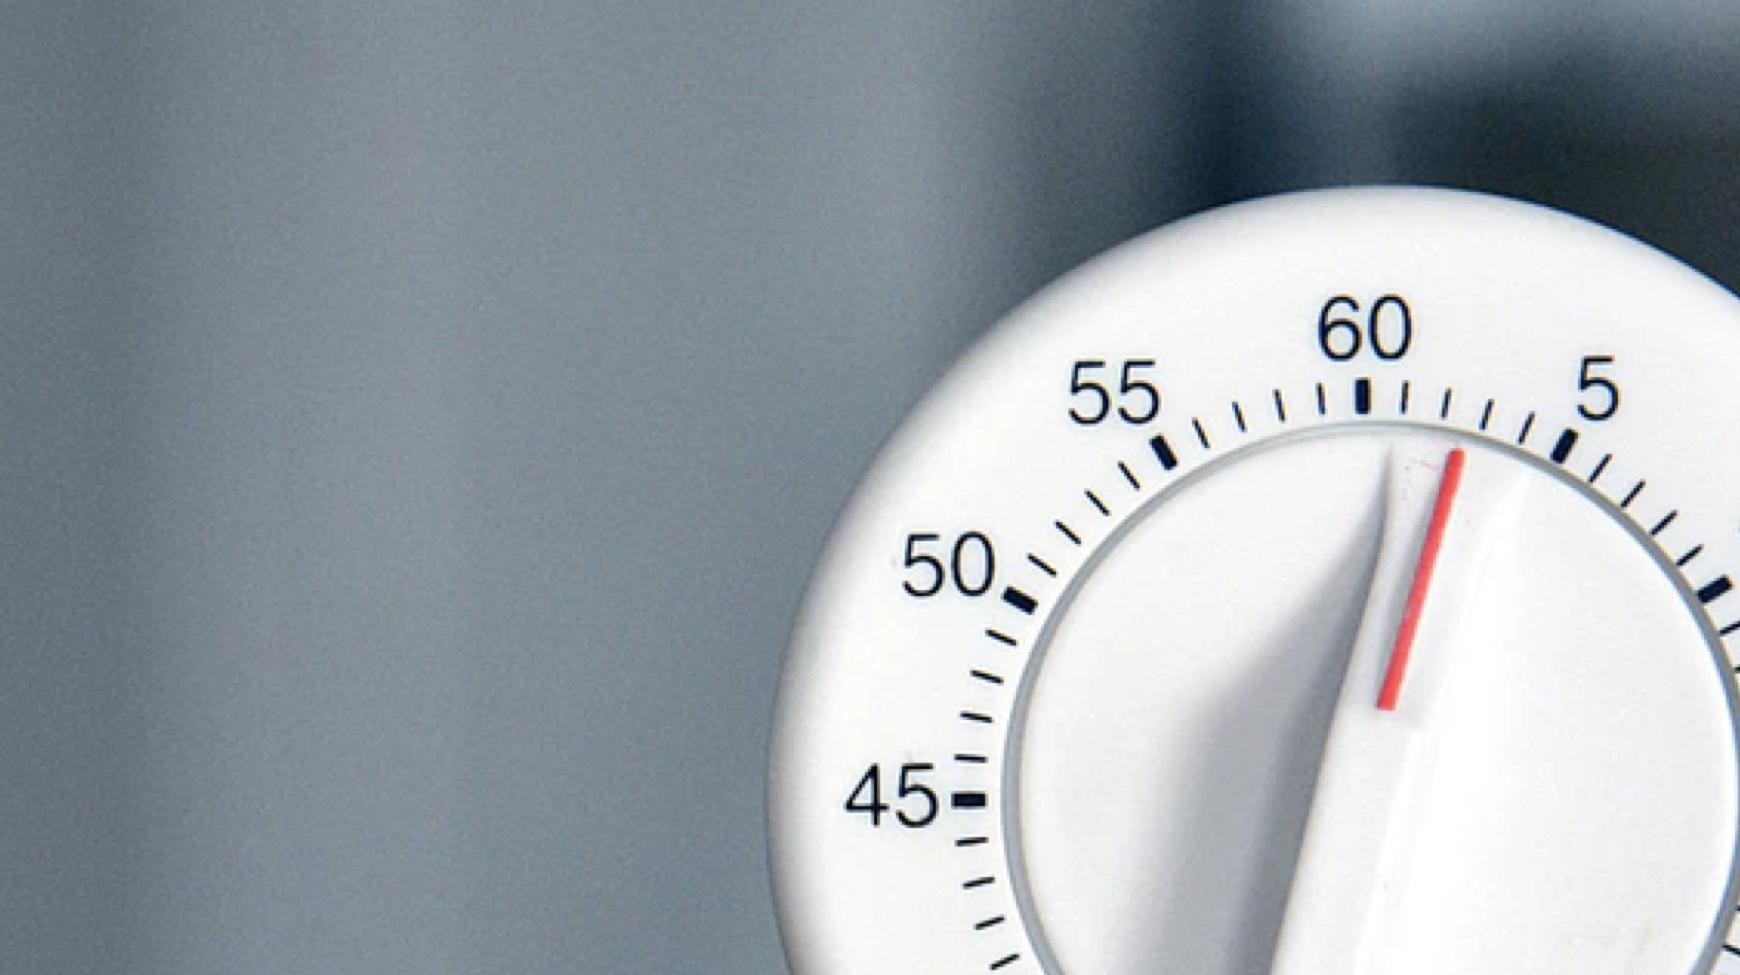 ¡Comprenda cómo funciona el cronómetro regresivo!